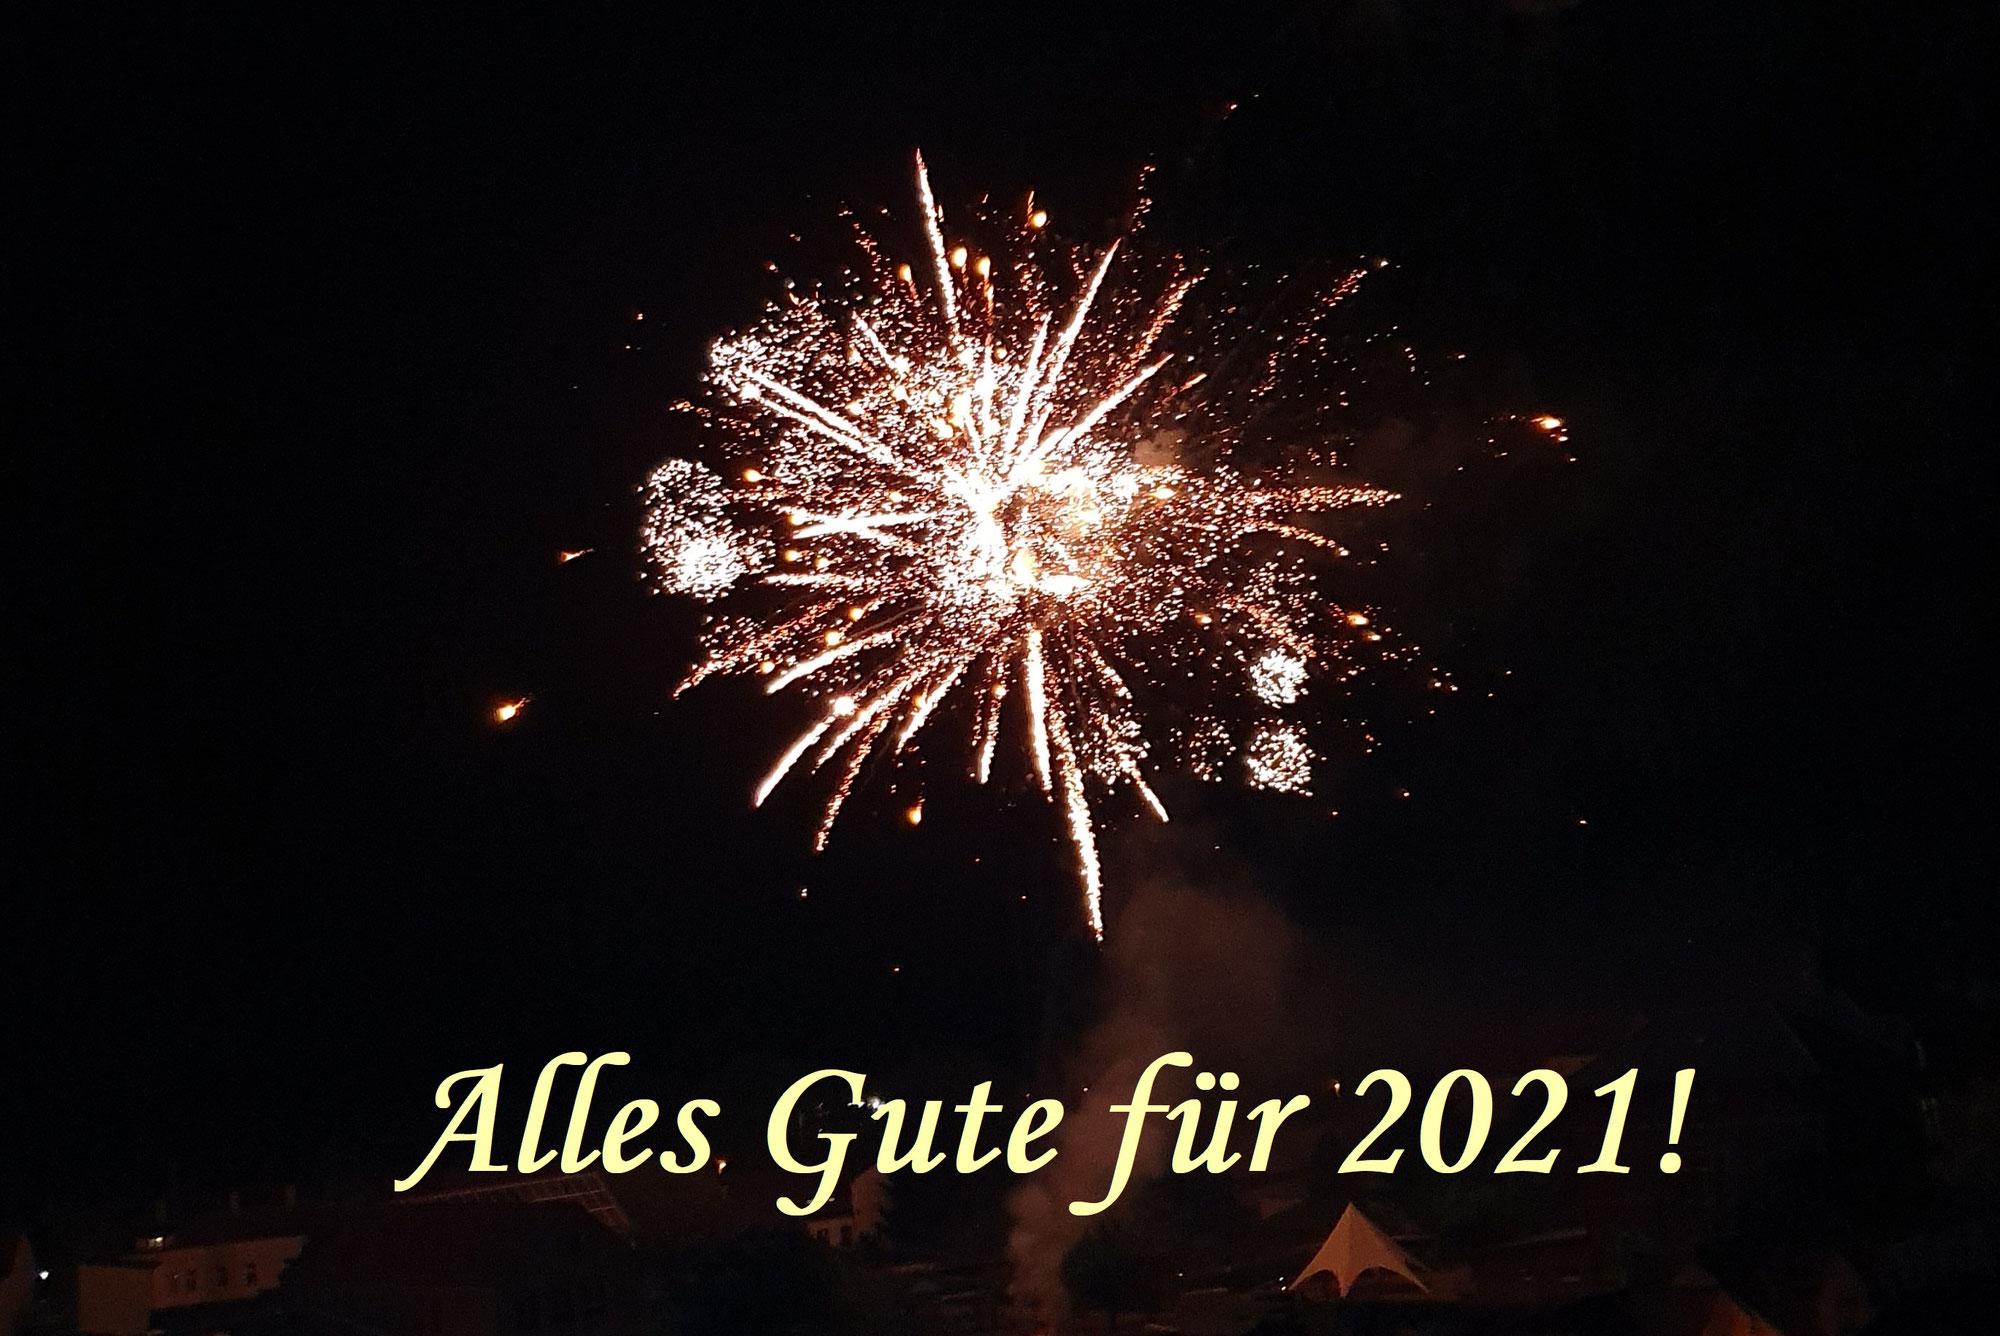 Alles Gute für 2021!